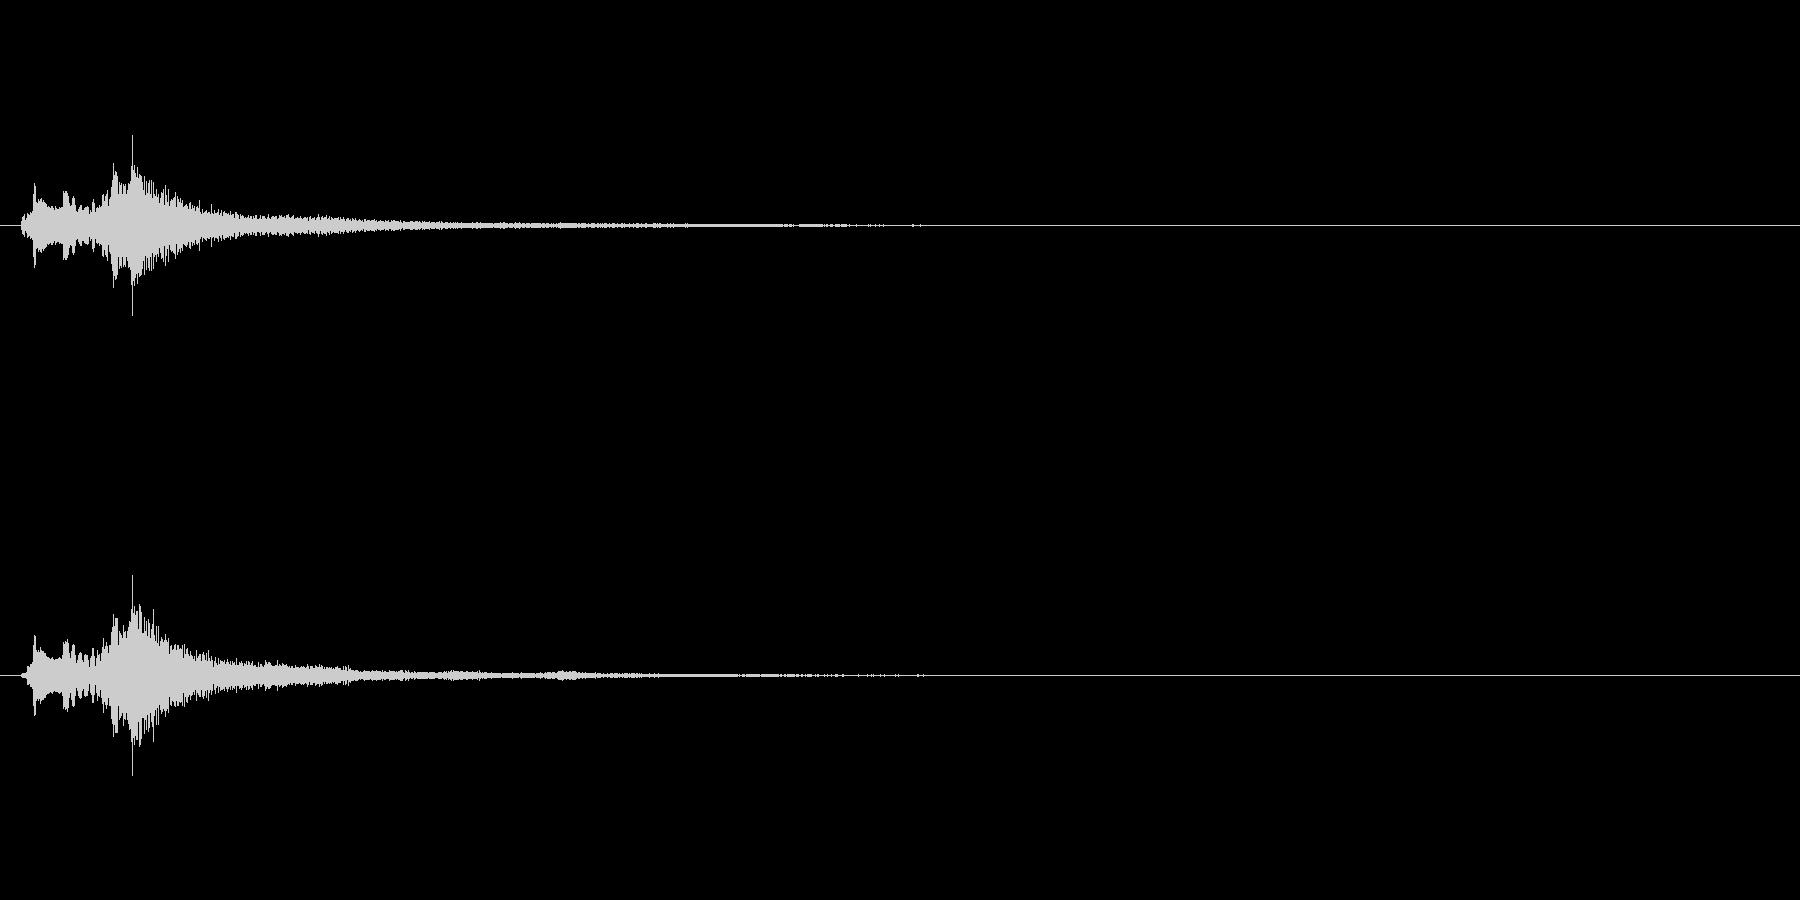 キラキラ系_073の未再生の波形